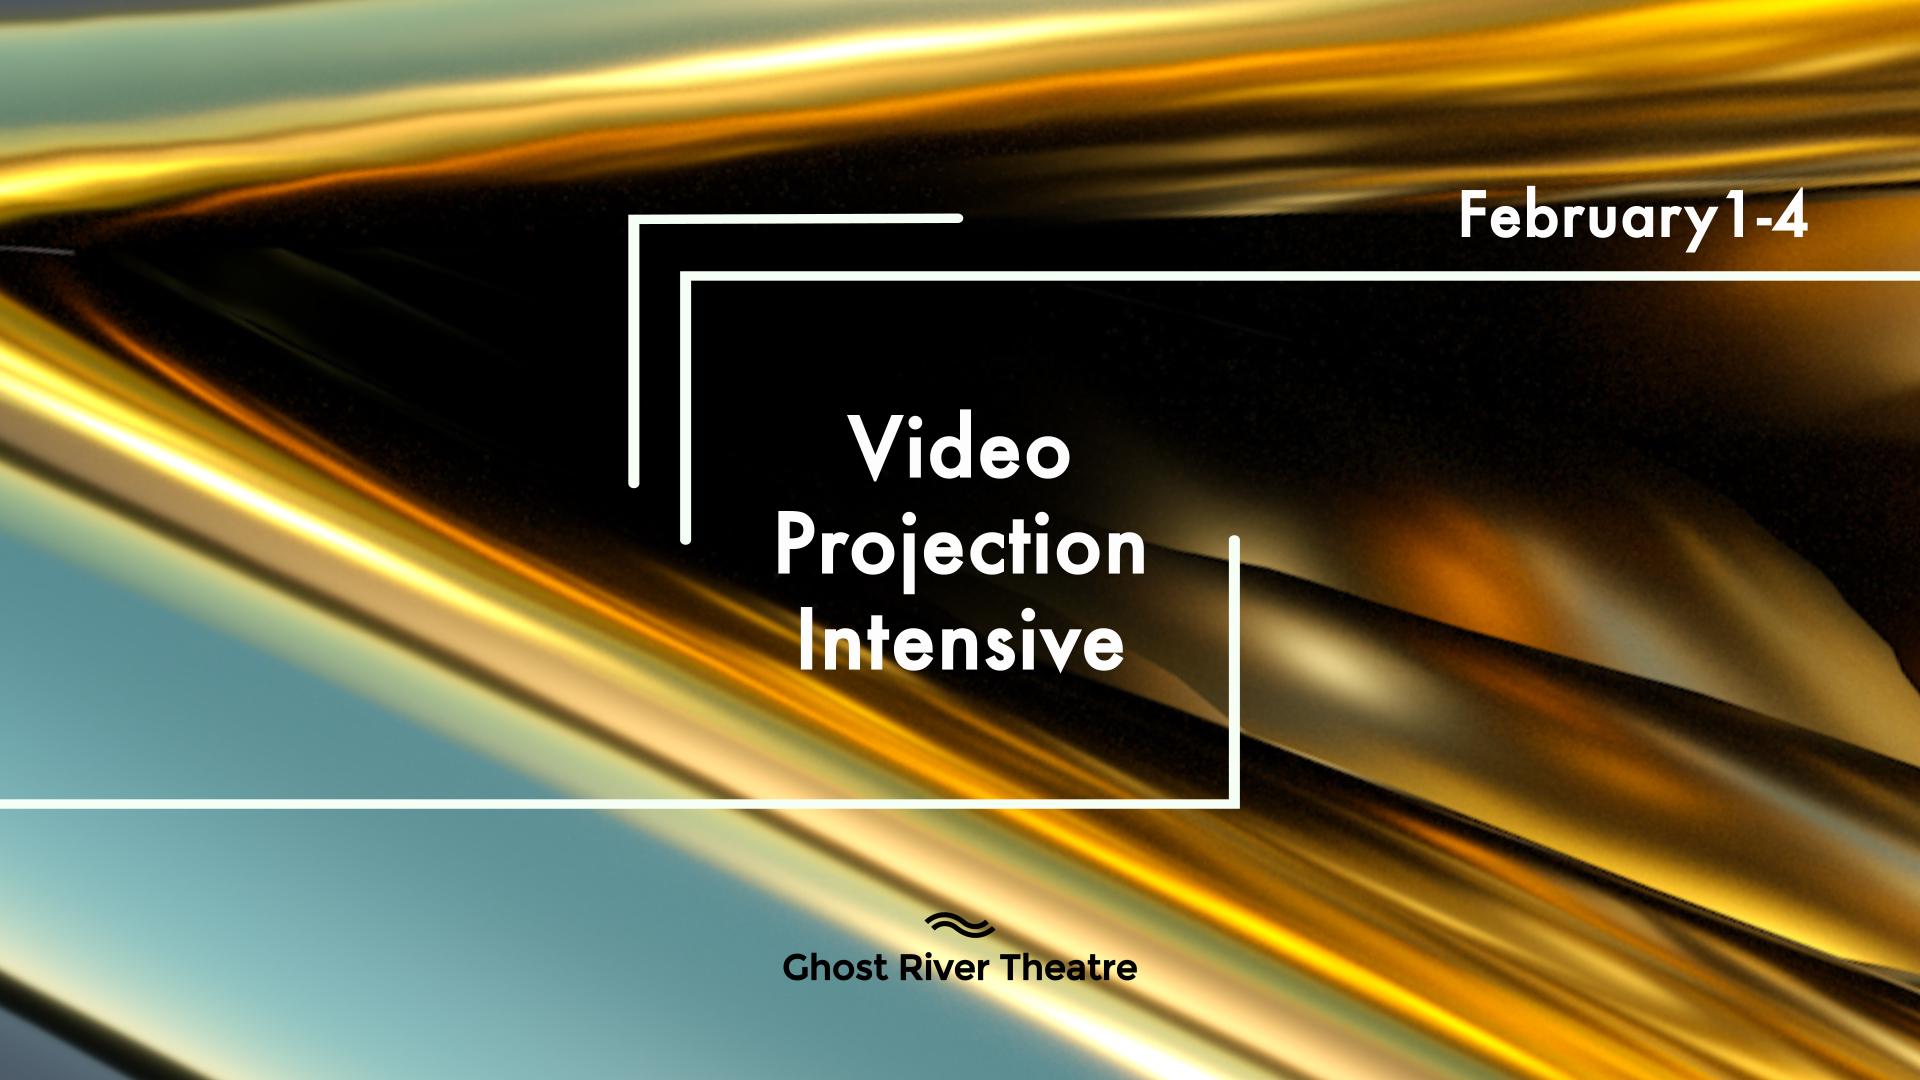 VideoProj_2018.jpg